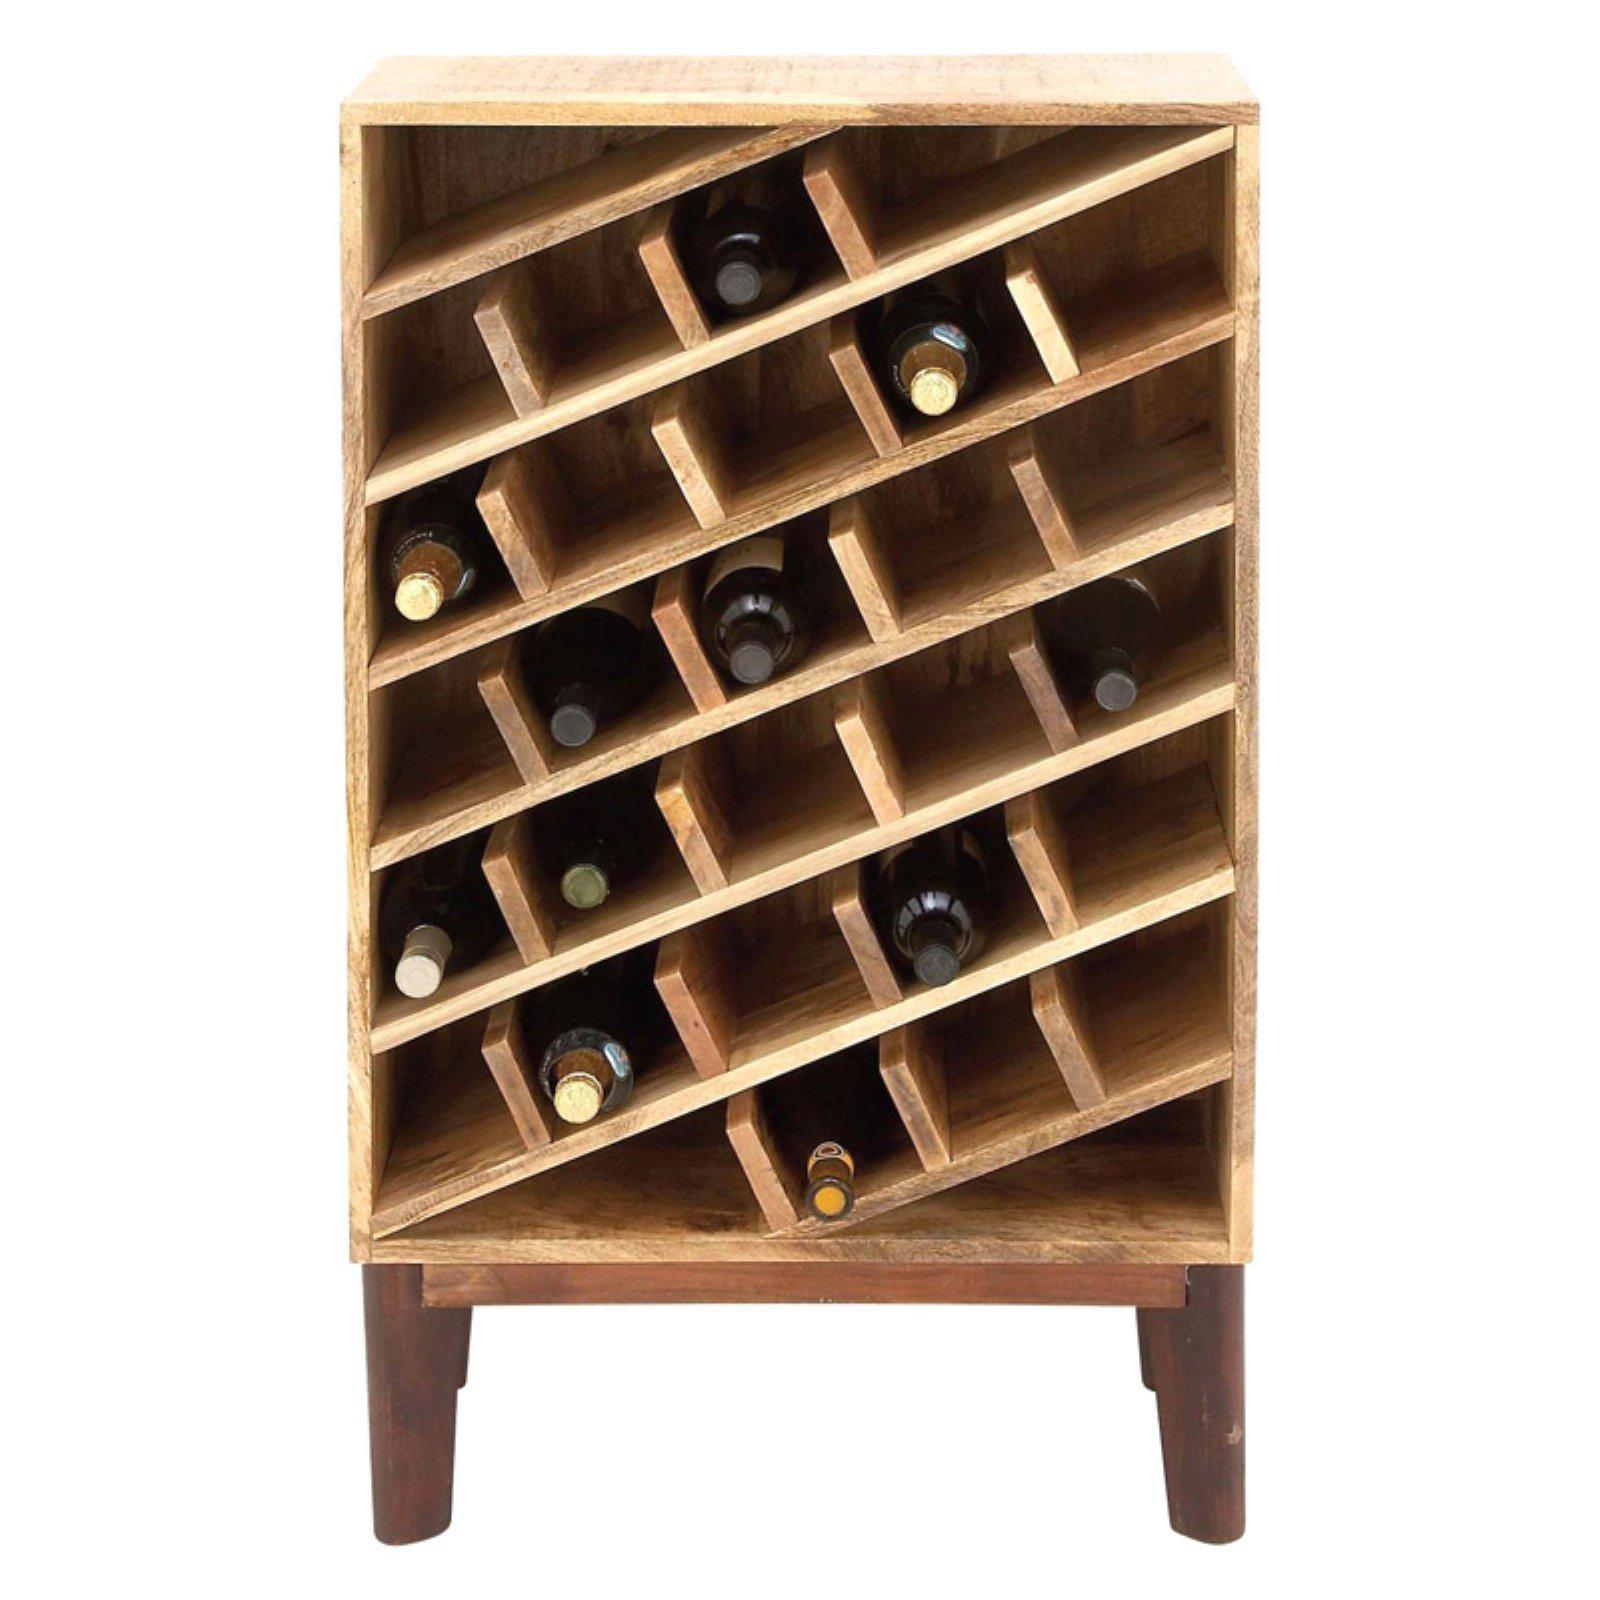 Functional Wood Wine Rack by Benzara